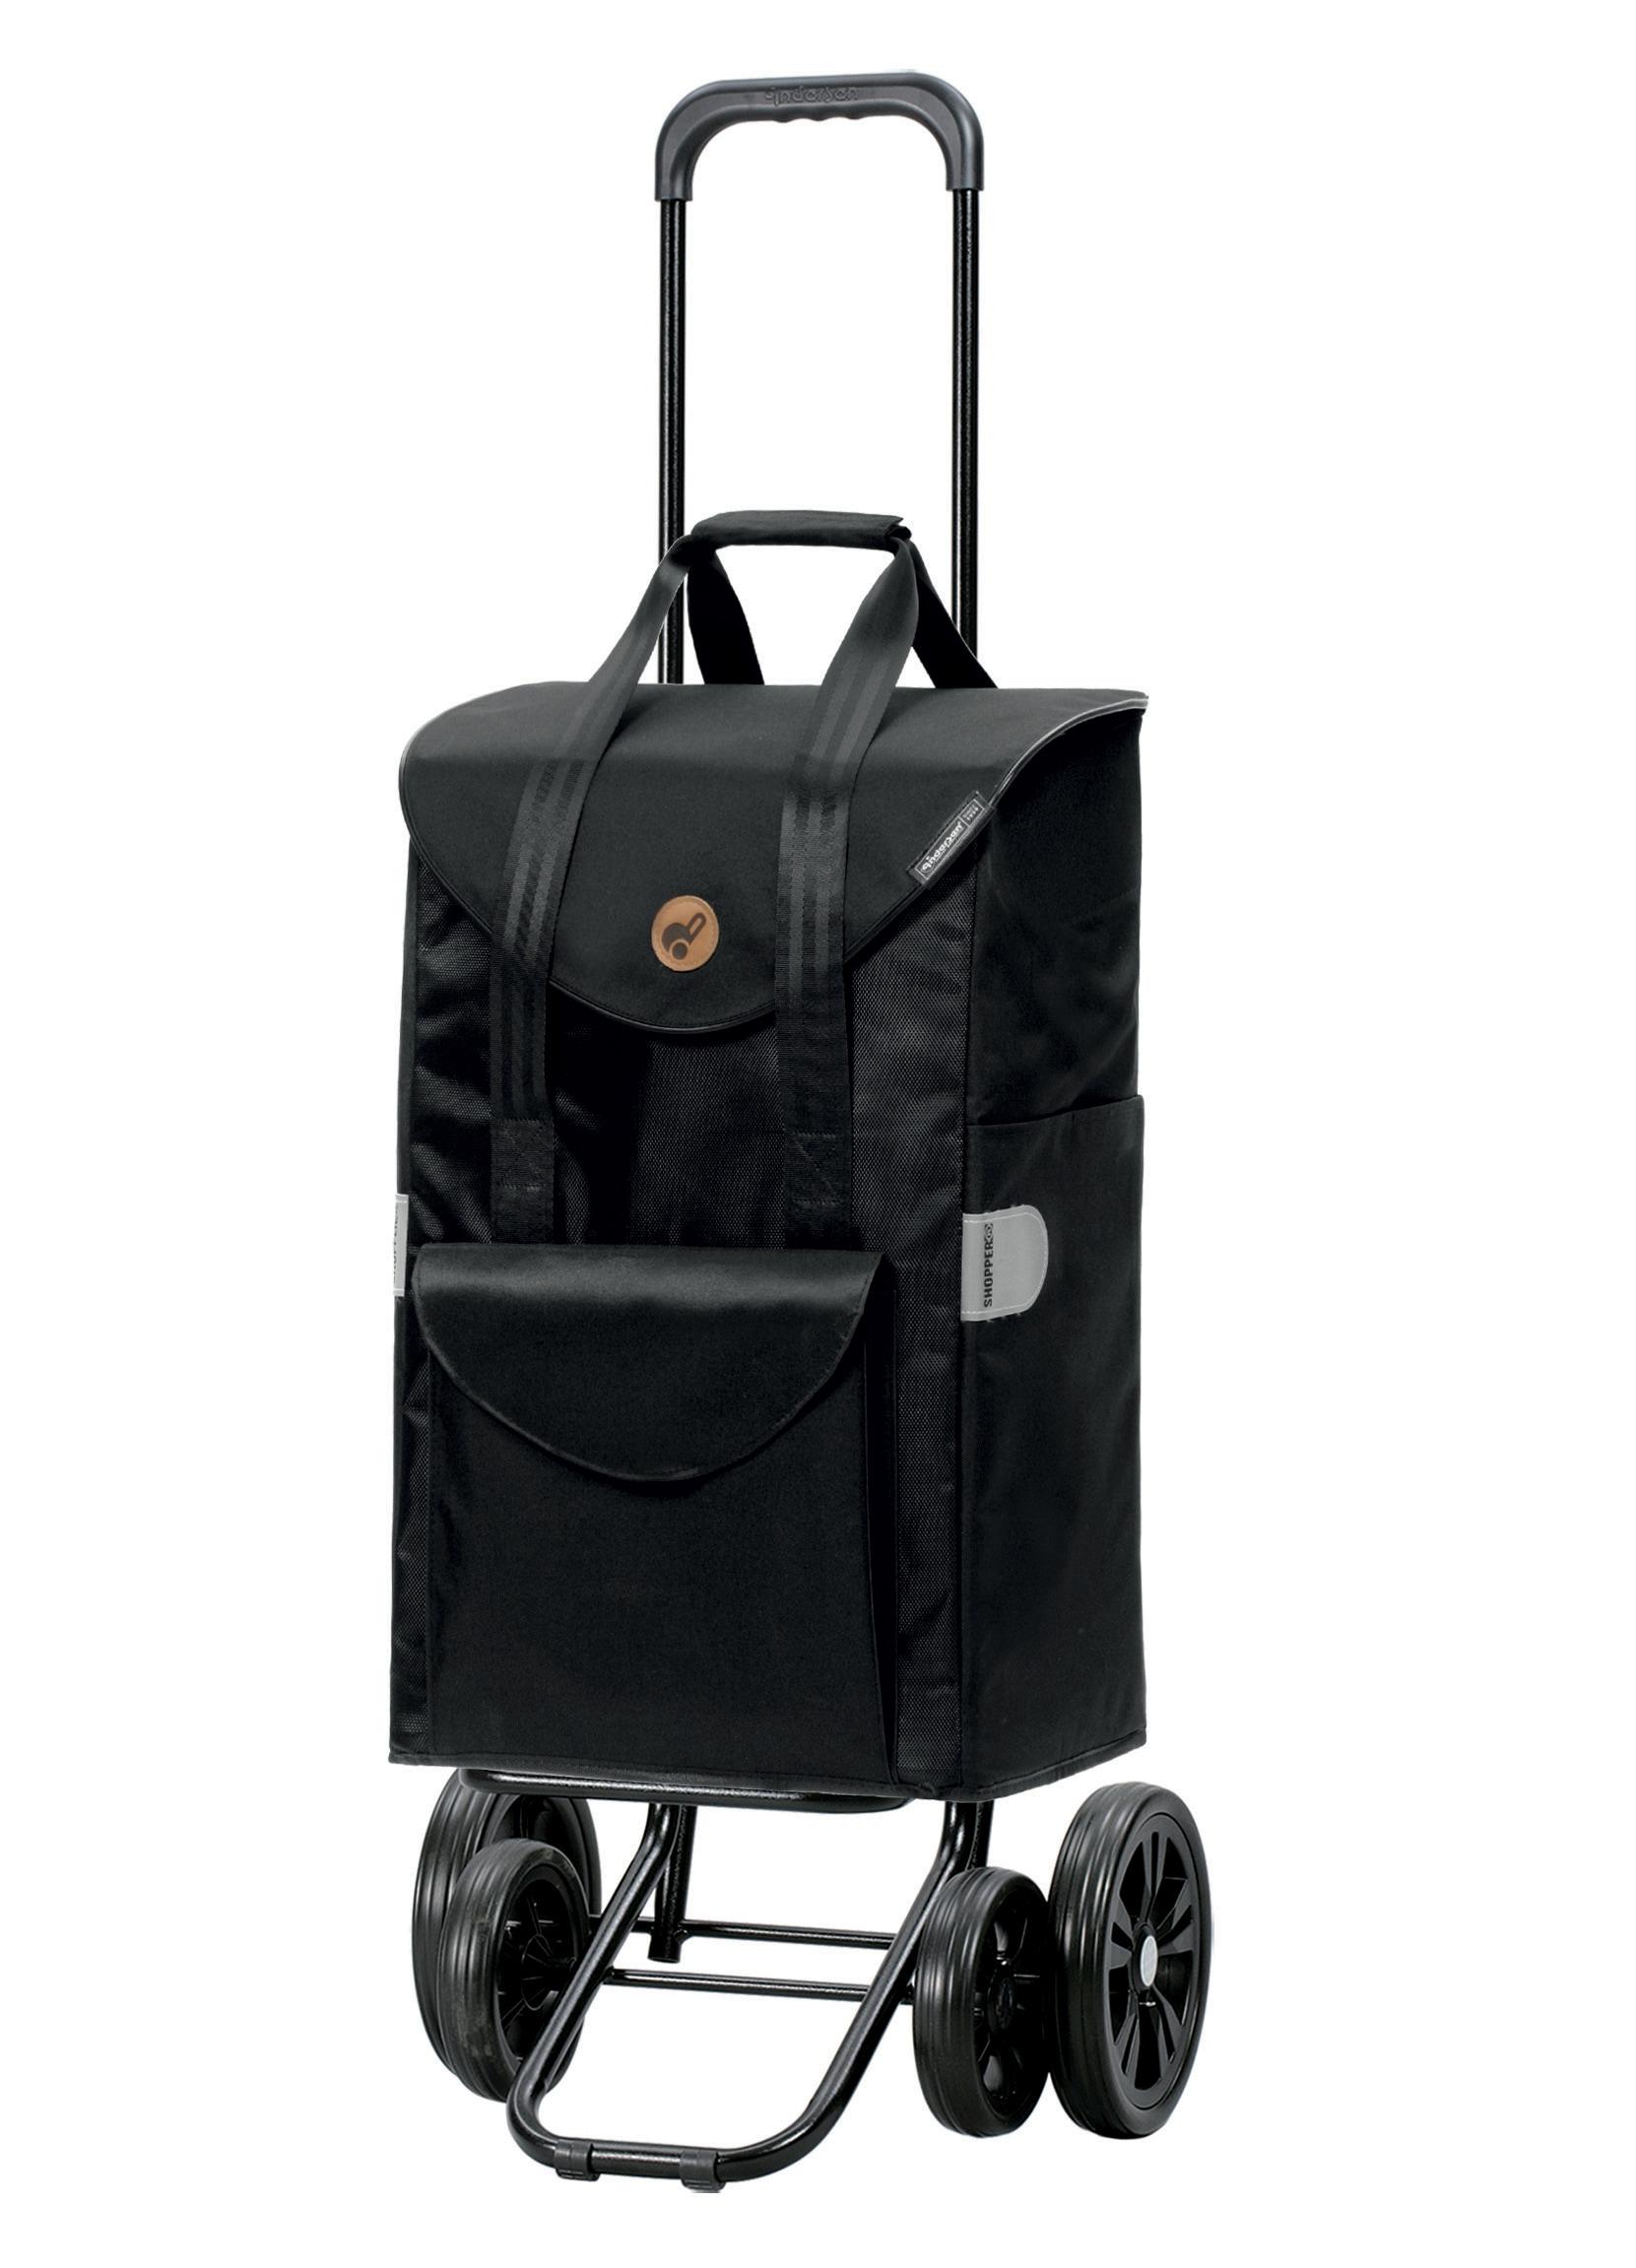 Andersen Einkaufstrolley Quattro Shopper Senta, MADE IN GERMANY, 49 Liter | Taschen > Handtaschen > Einkaufstasche | Andersen